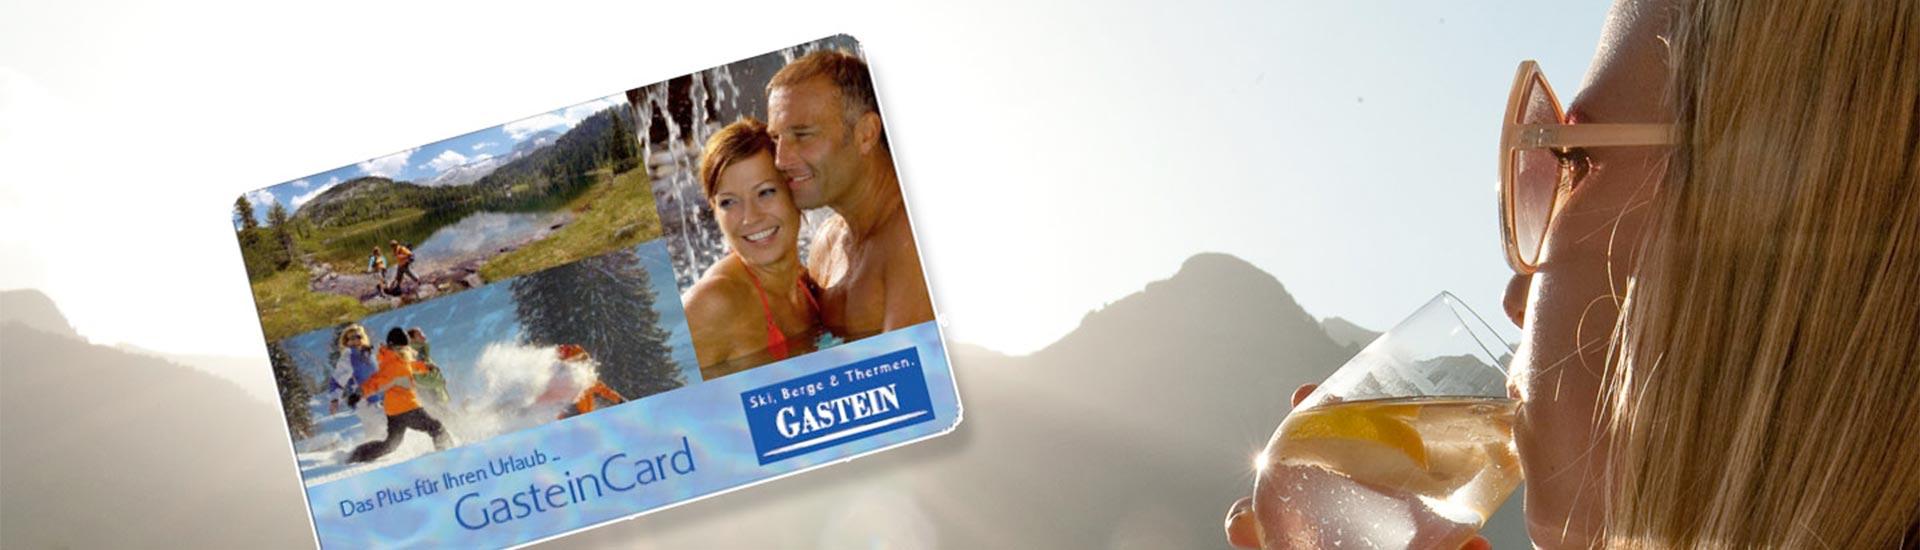 GasteinCard